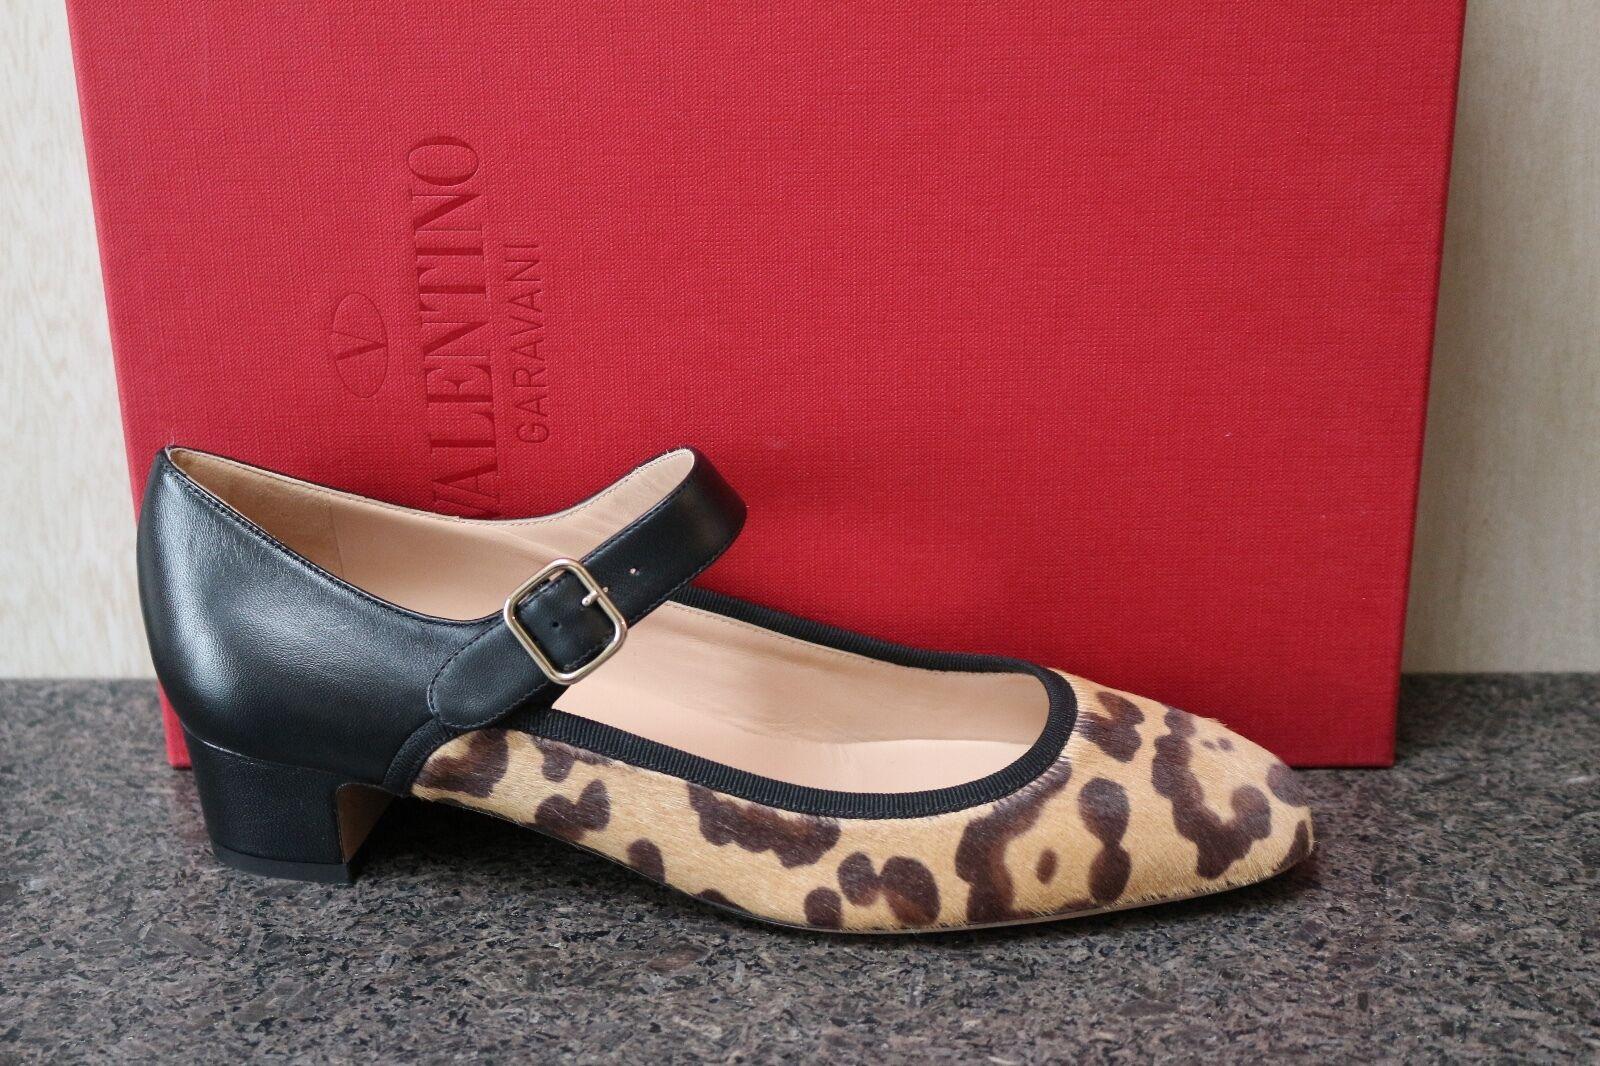 prezzo ragionevole NIB VALENTINO GARAVANI GARAVANI GARAVANI LEOPARD PRINT PONY HAIR LEATHER MARY JANE PUMP scarpe 38.5  risparmiare sulla liquidazione